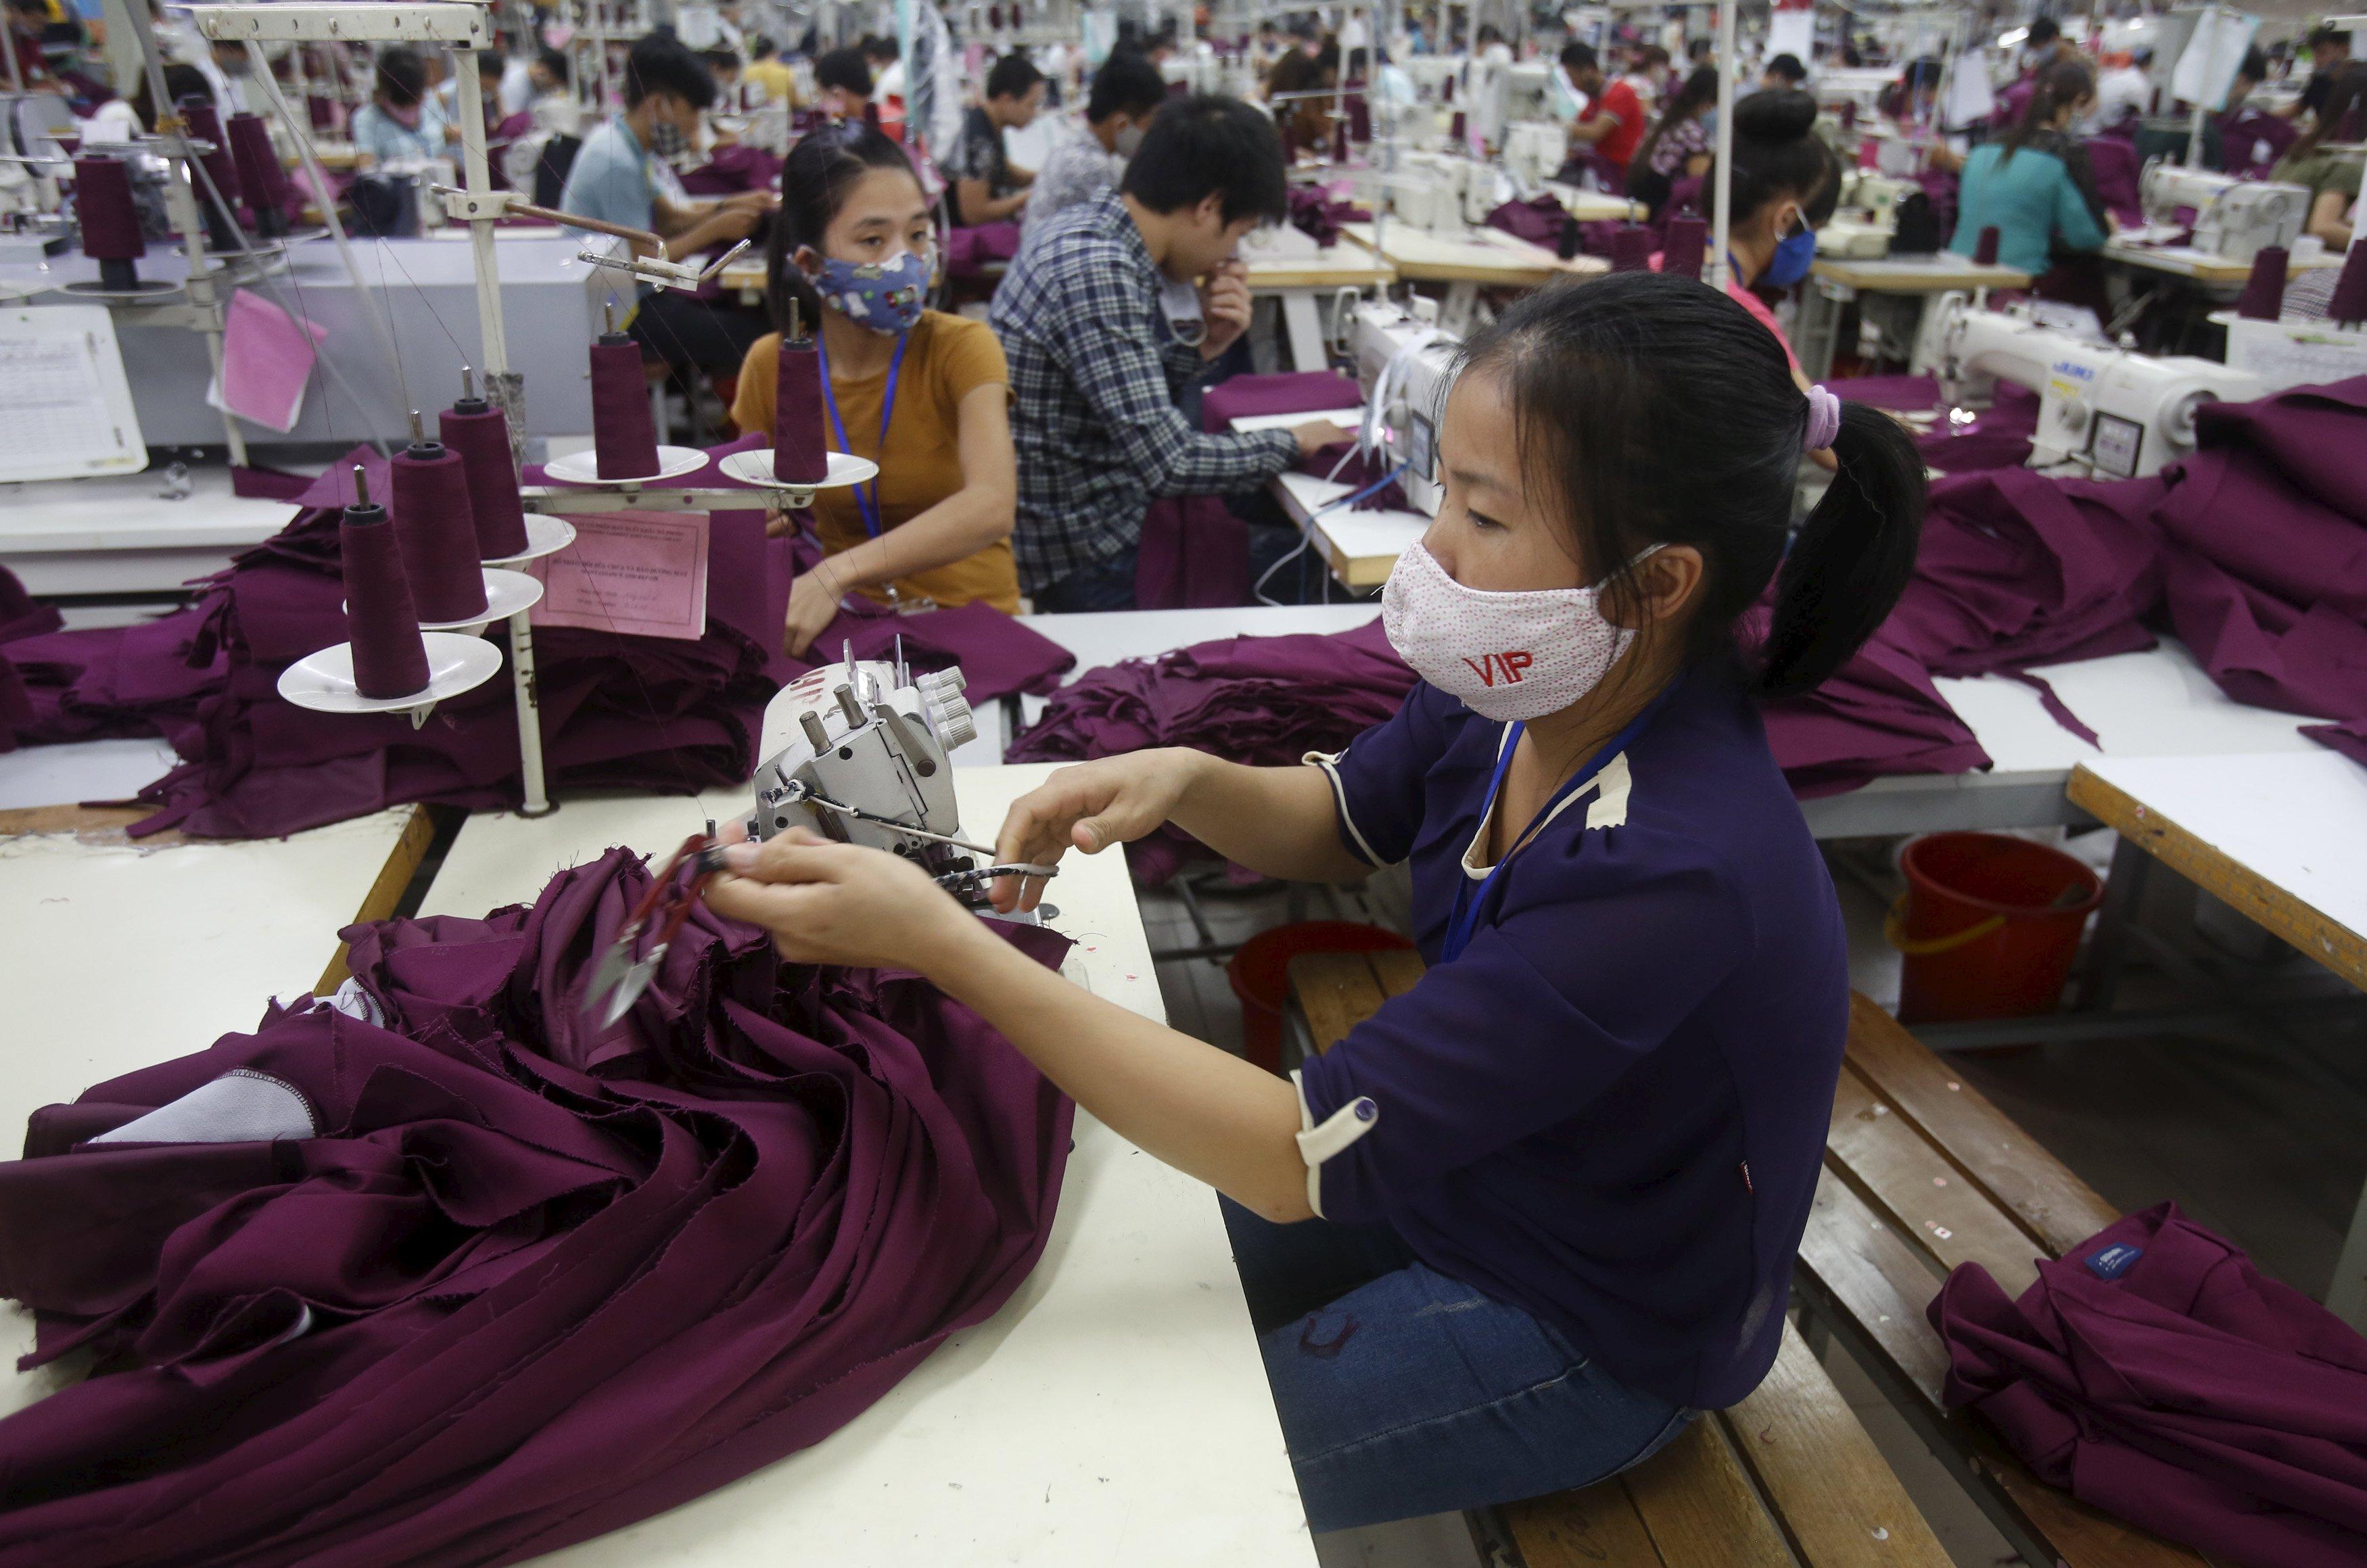 всех нас вьетнамцы шьют массово одежду фото такое режимная